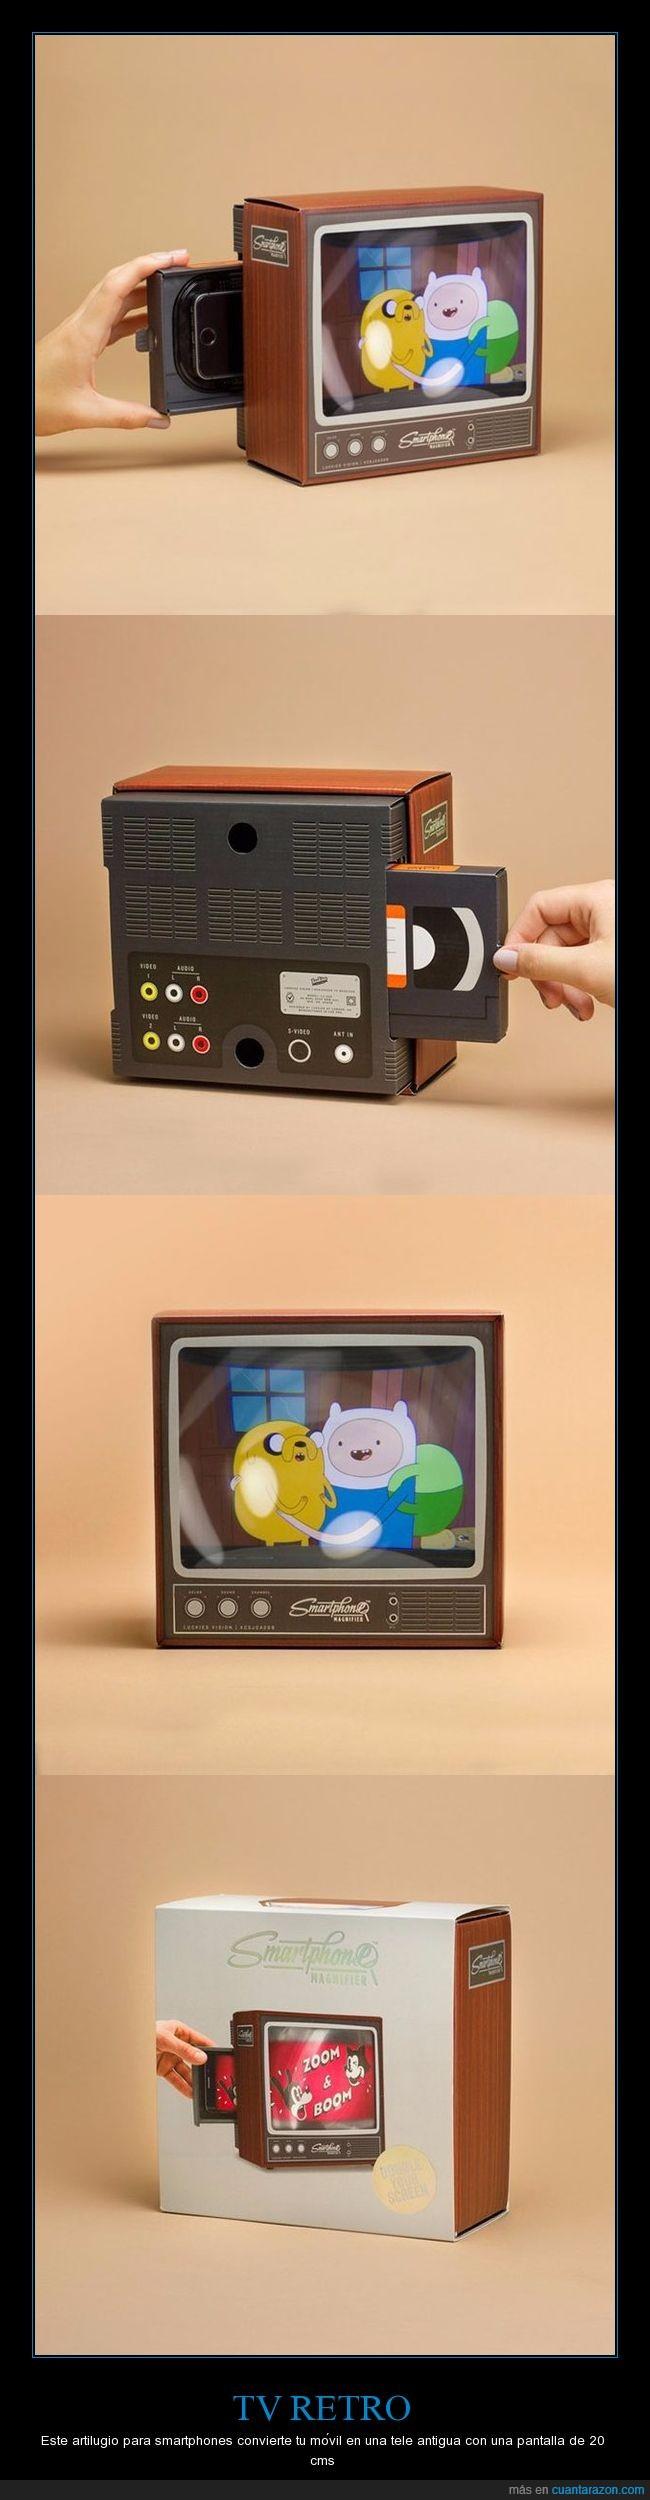 pantalla,retro,smartphone,televisión,tv